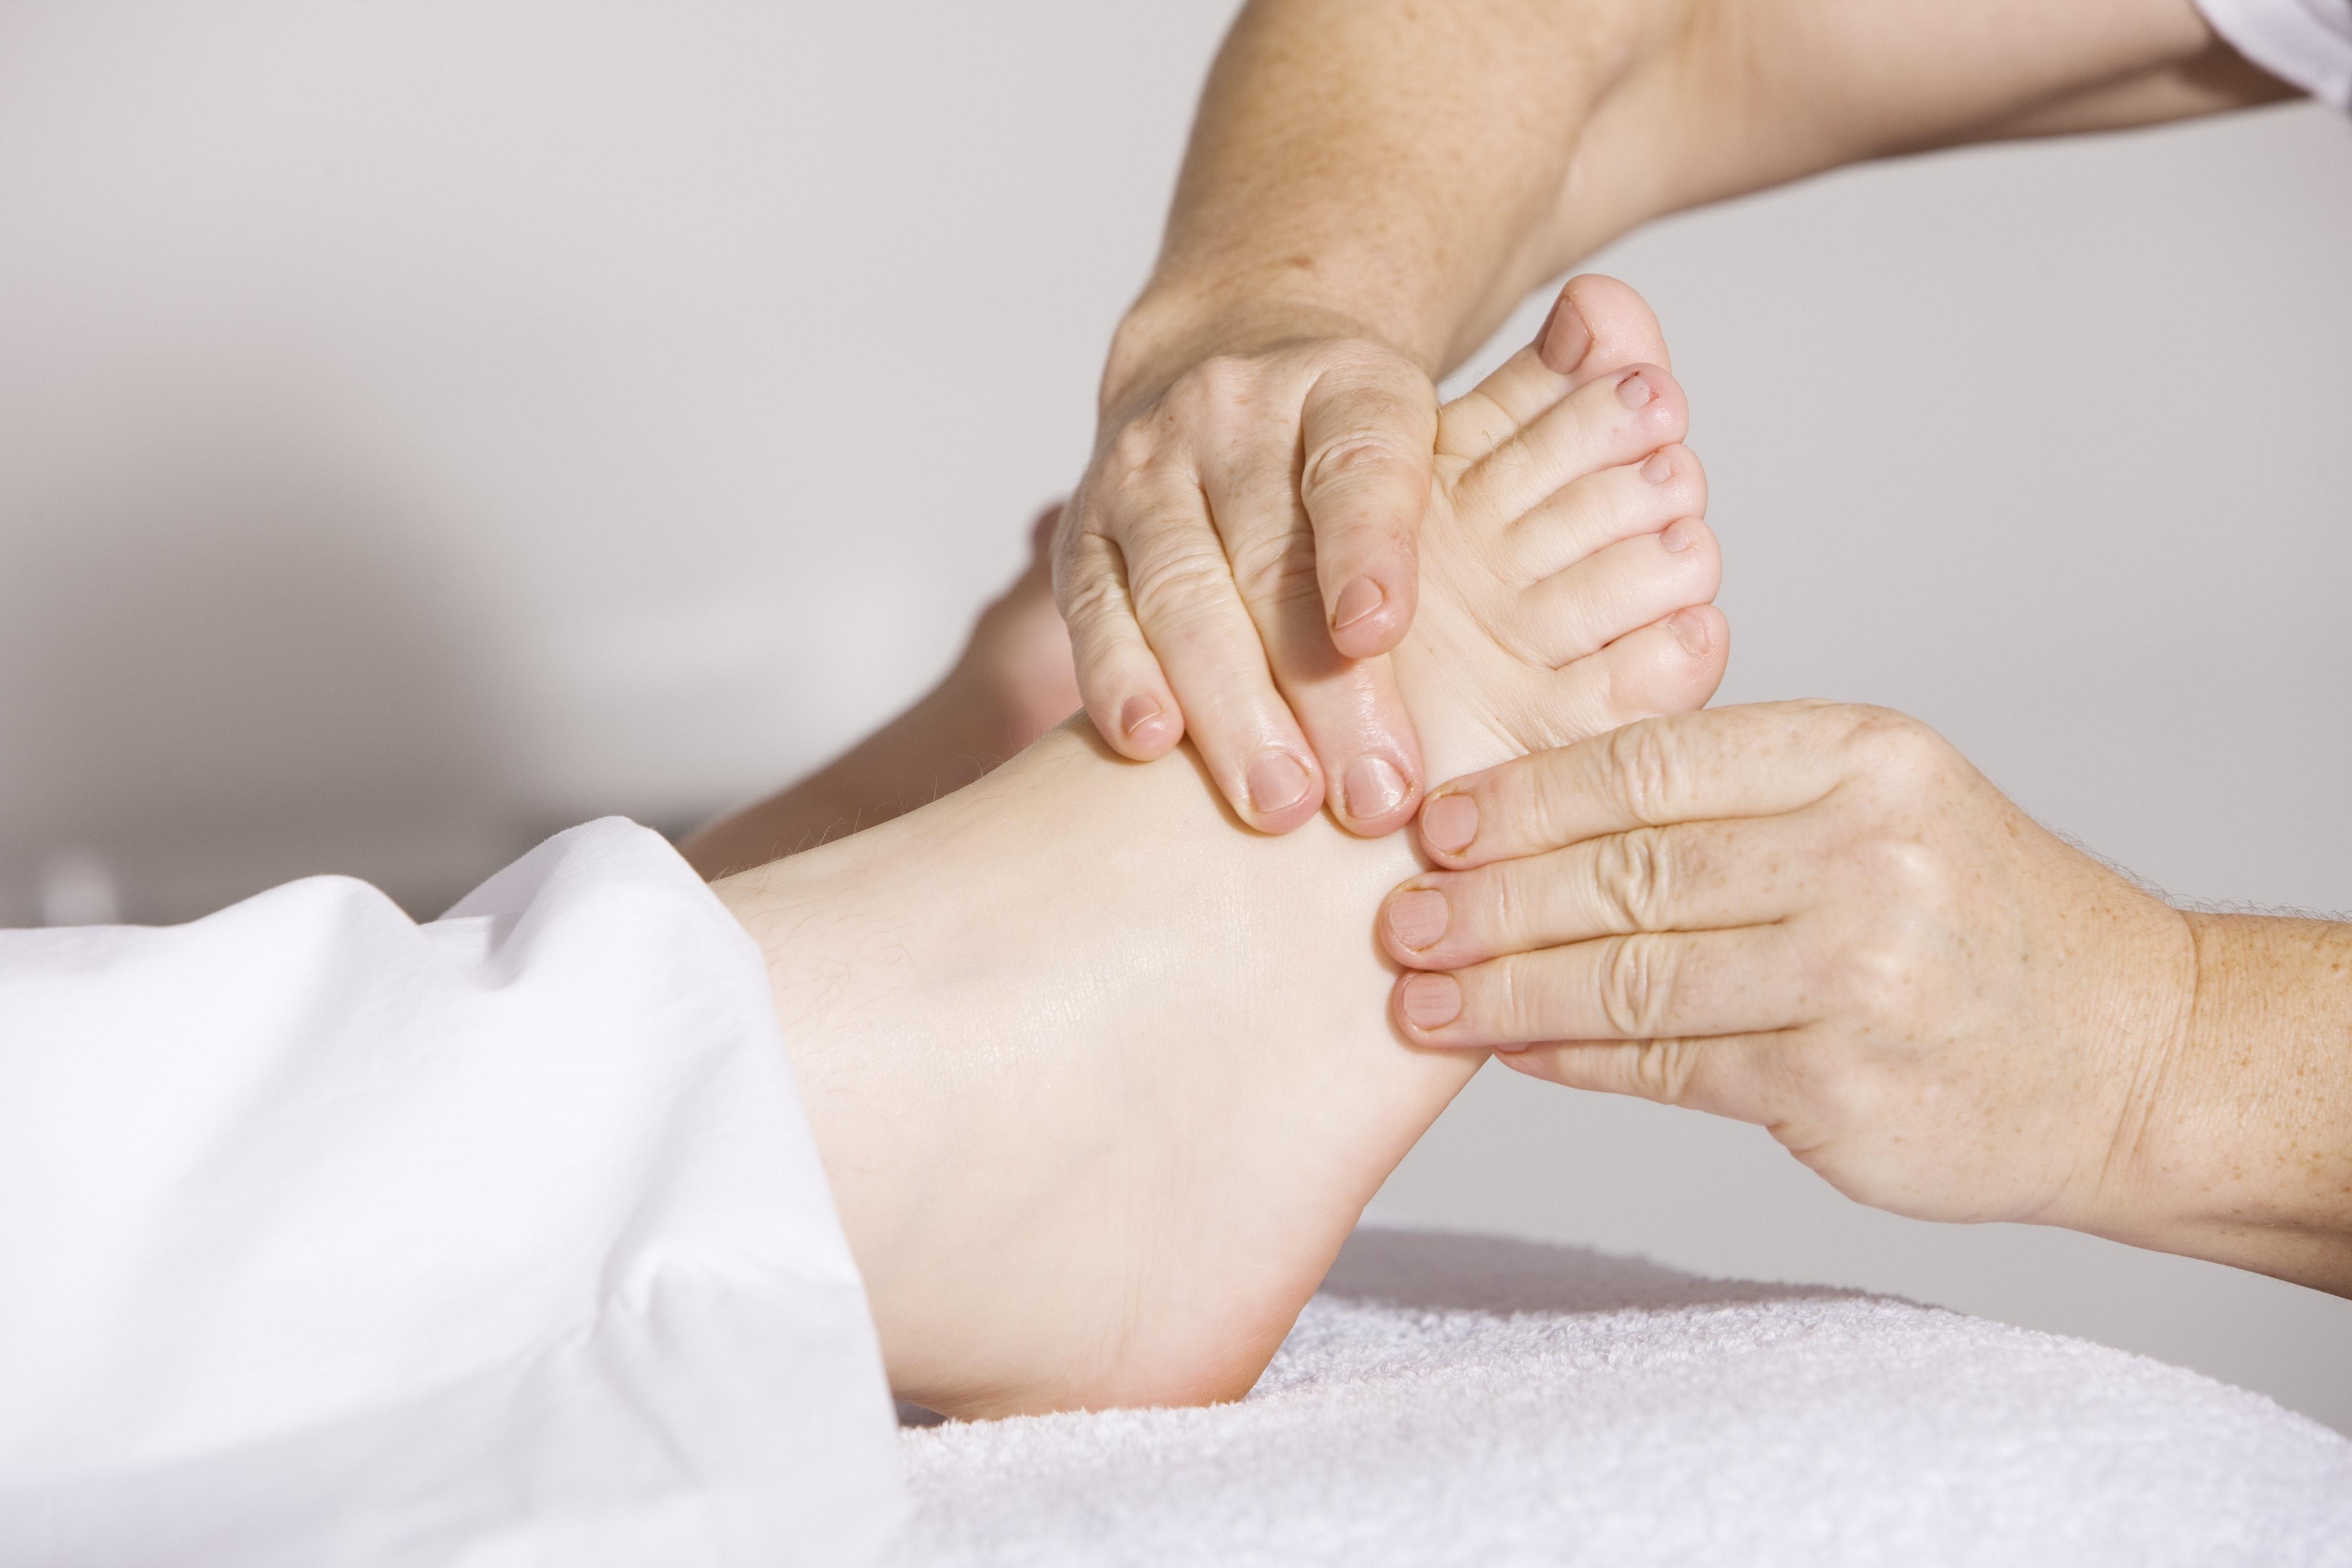 Complicações no pé são responsáveis por cerca de 60% das amputações efetuadas